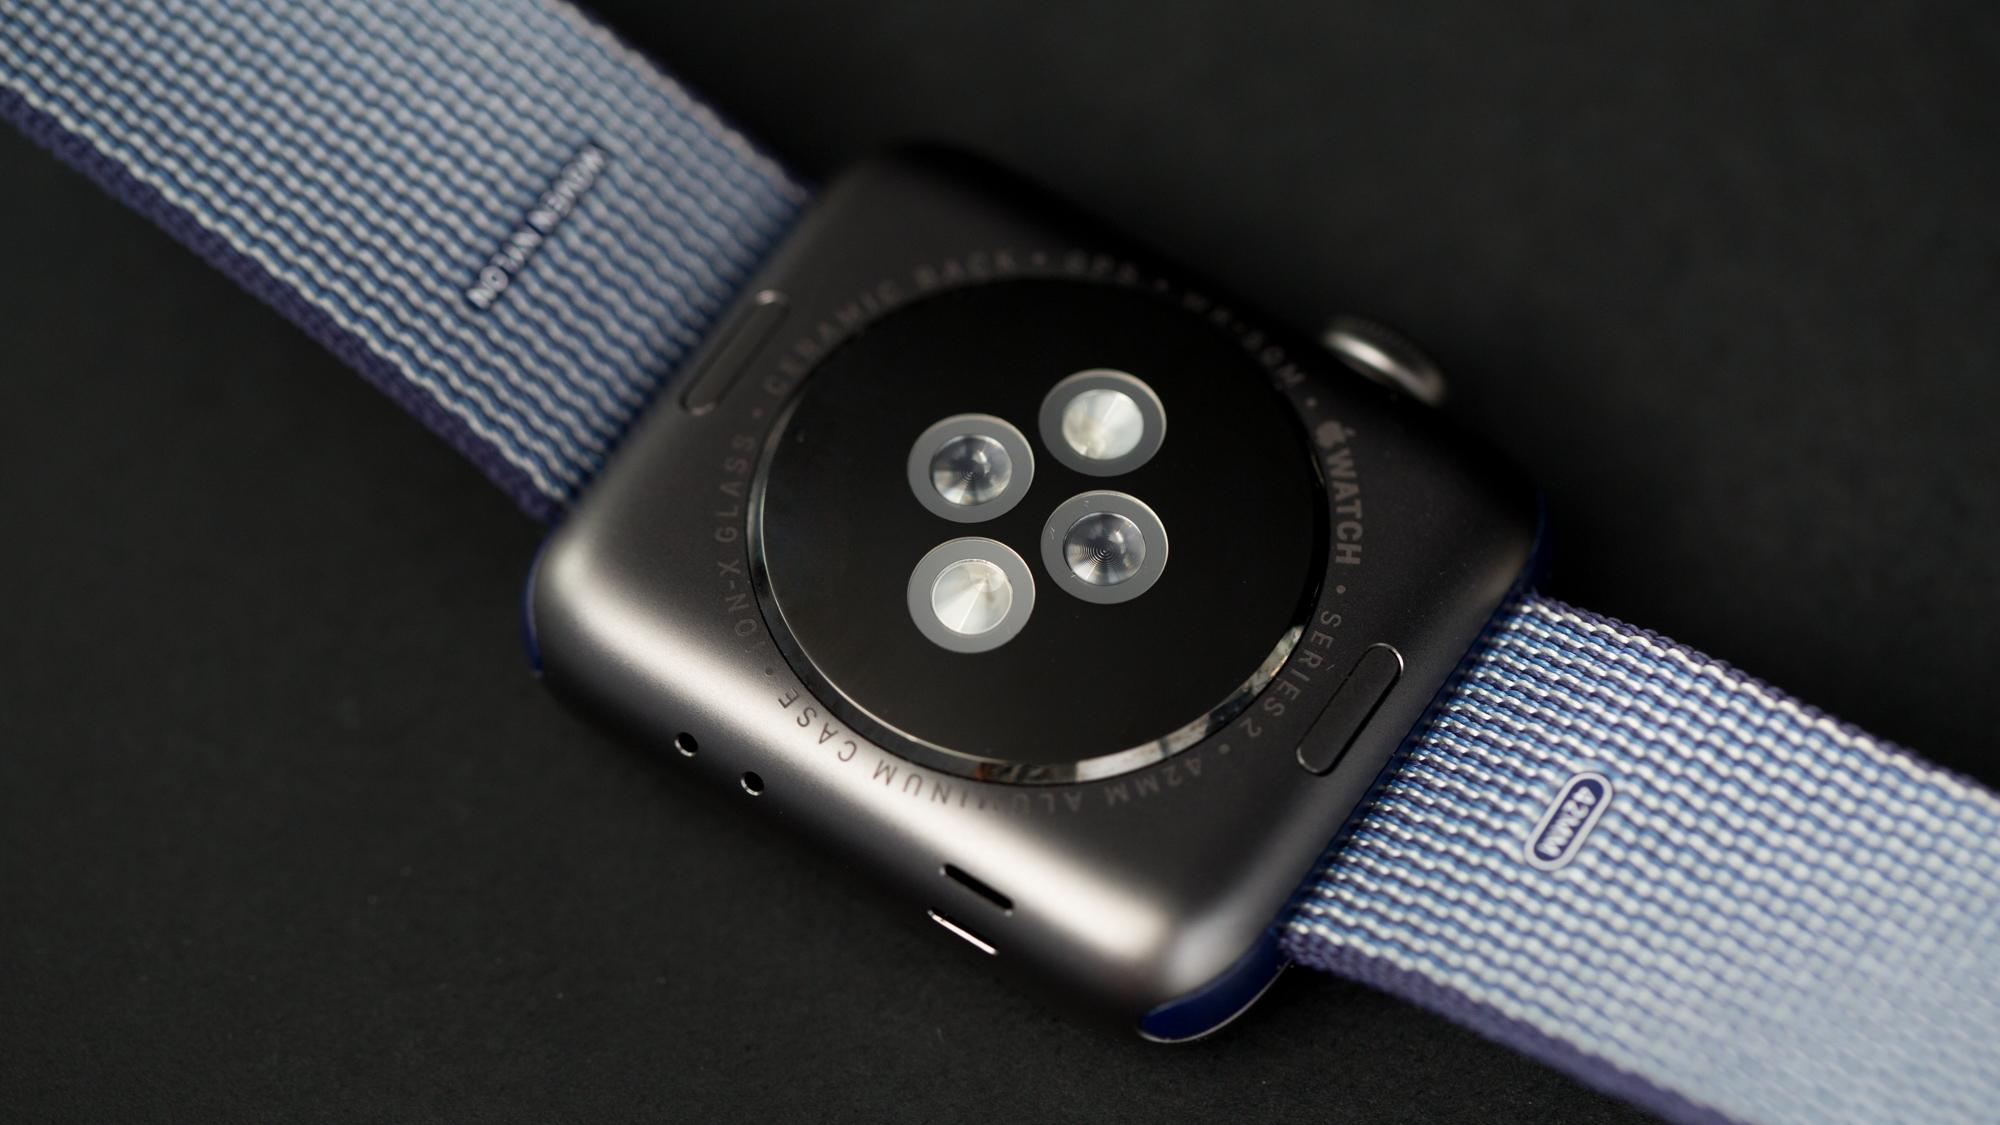 watch2-achterkant-16x9